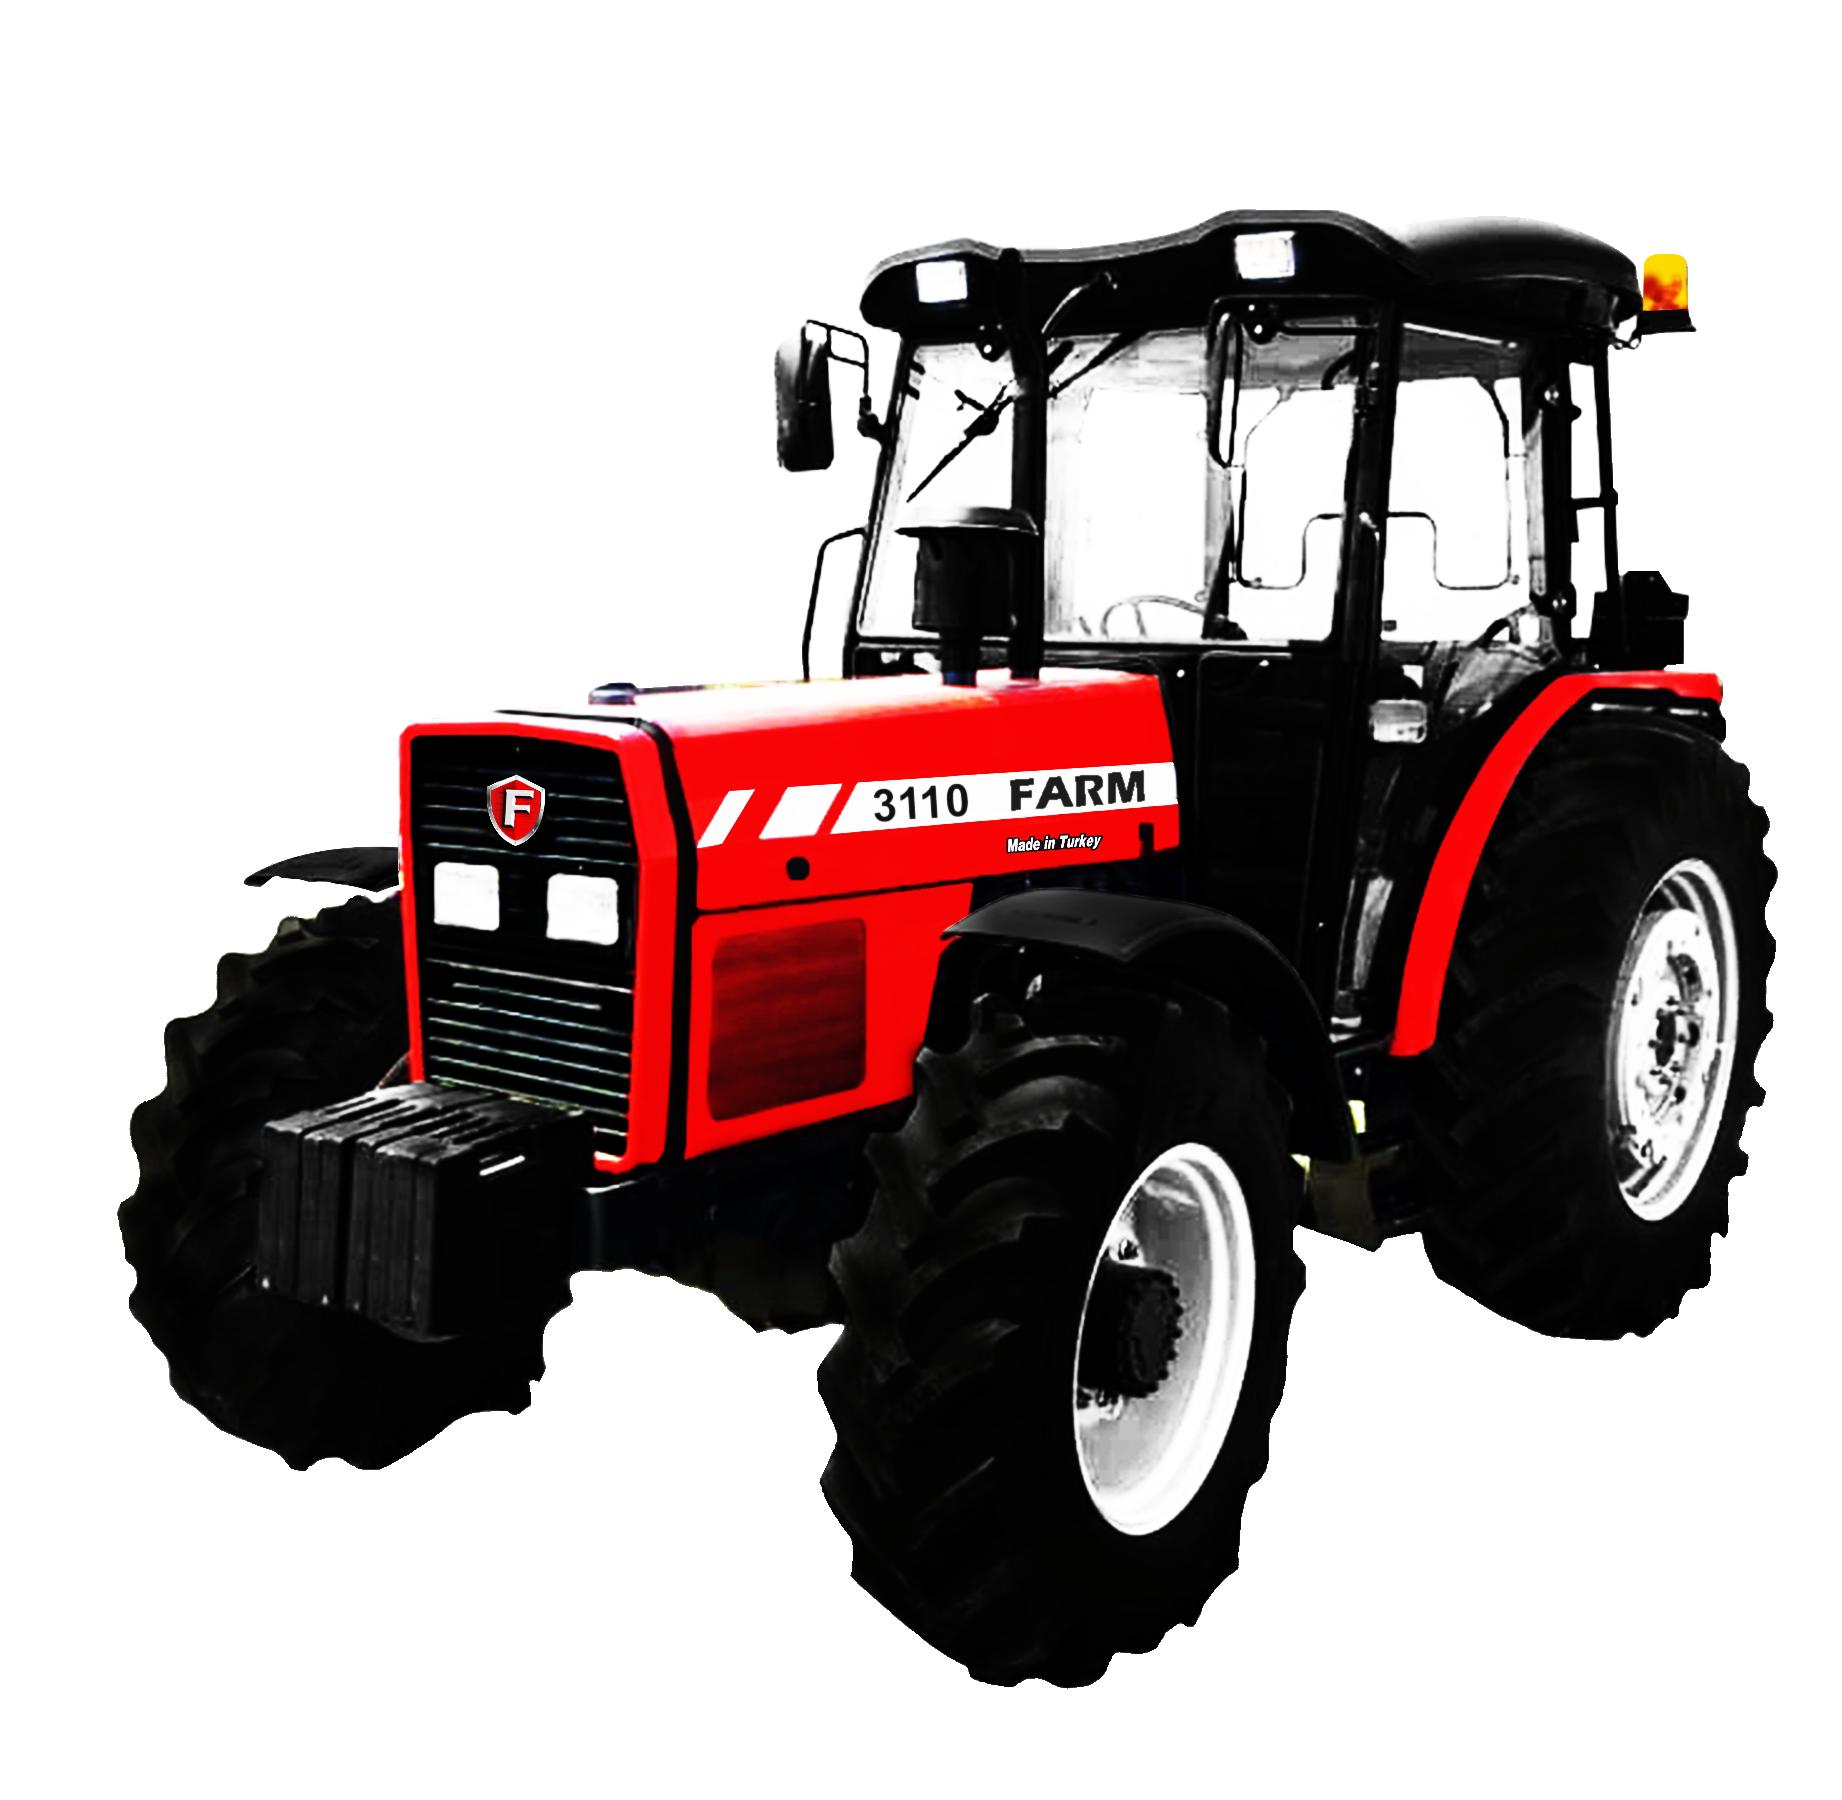 Gebze Farmtraktor Motor San Ve Tic Ltd Sir - Kocaeli, Turkey